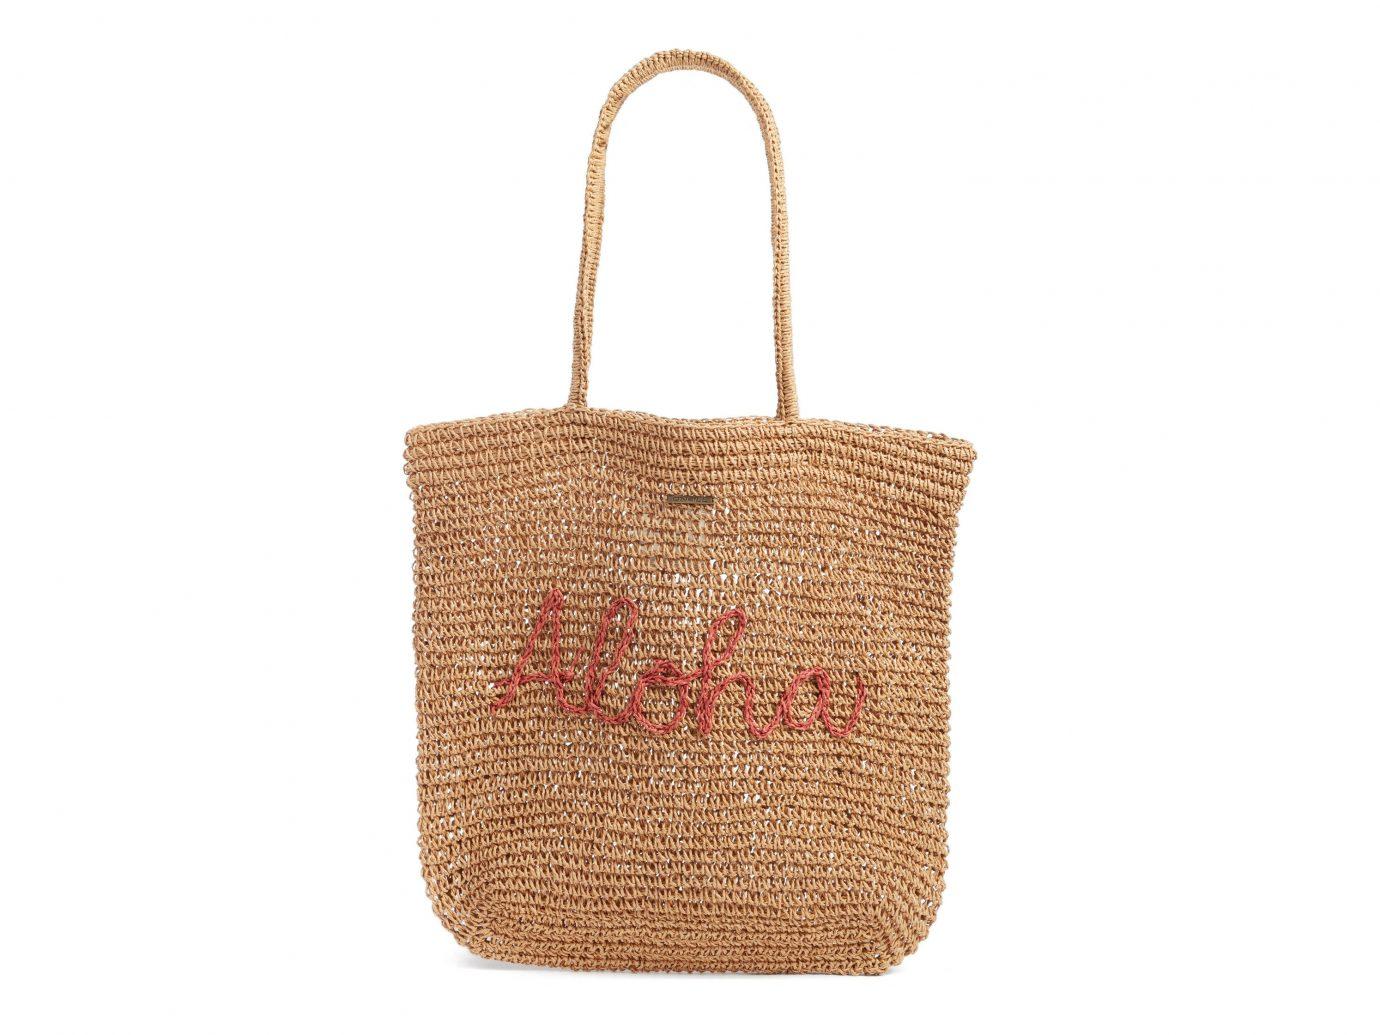 Style + Design Travel Shop handbag bag shoulder bag product accessory basket beige tote bag